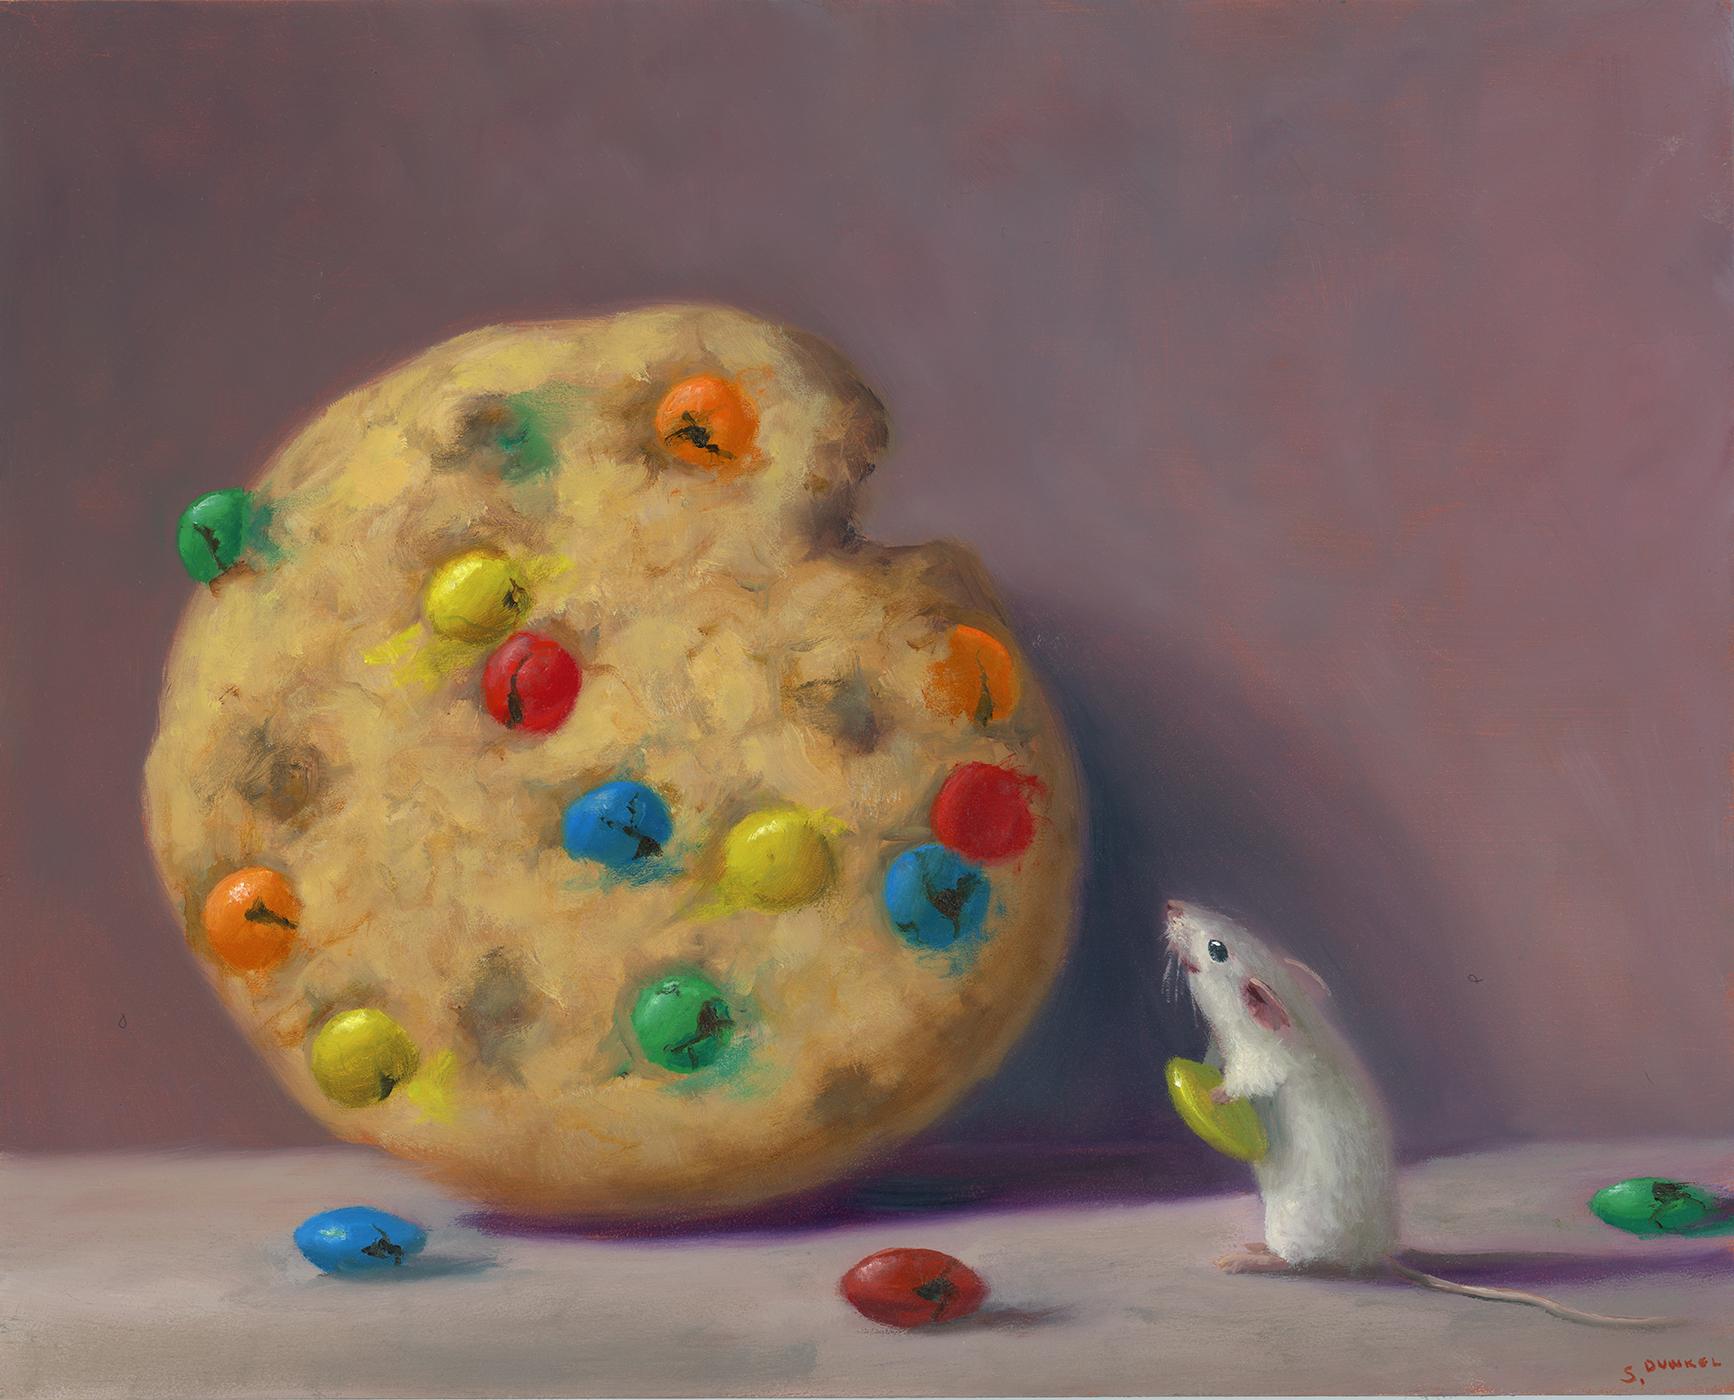 stuart_dunkel_sd1595_best_cookie_ever.jpg